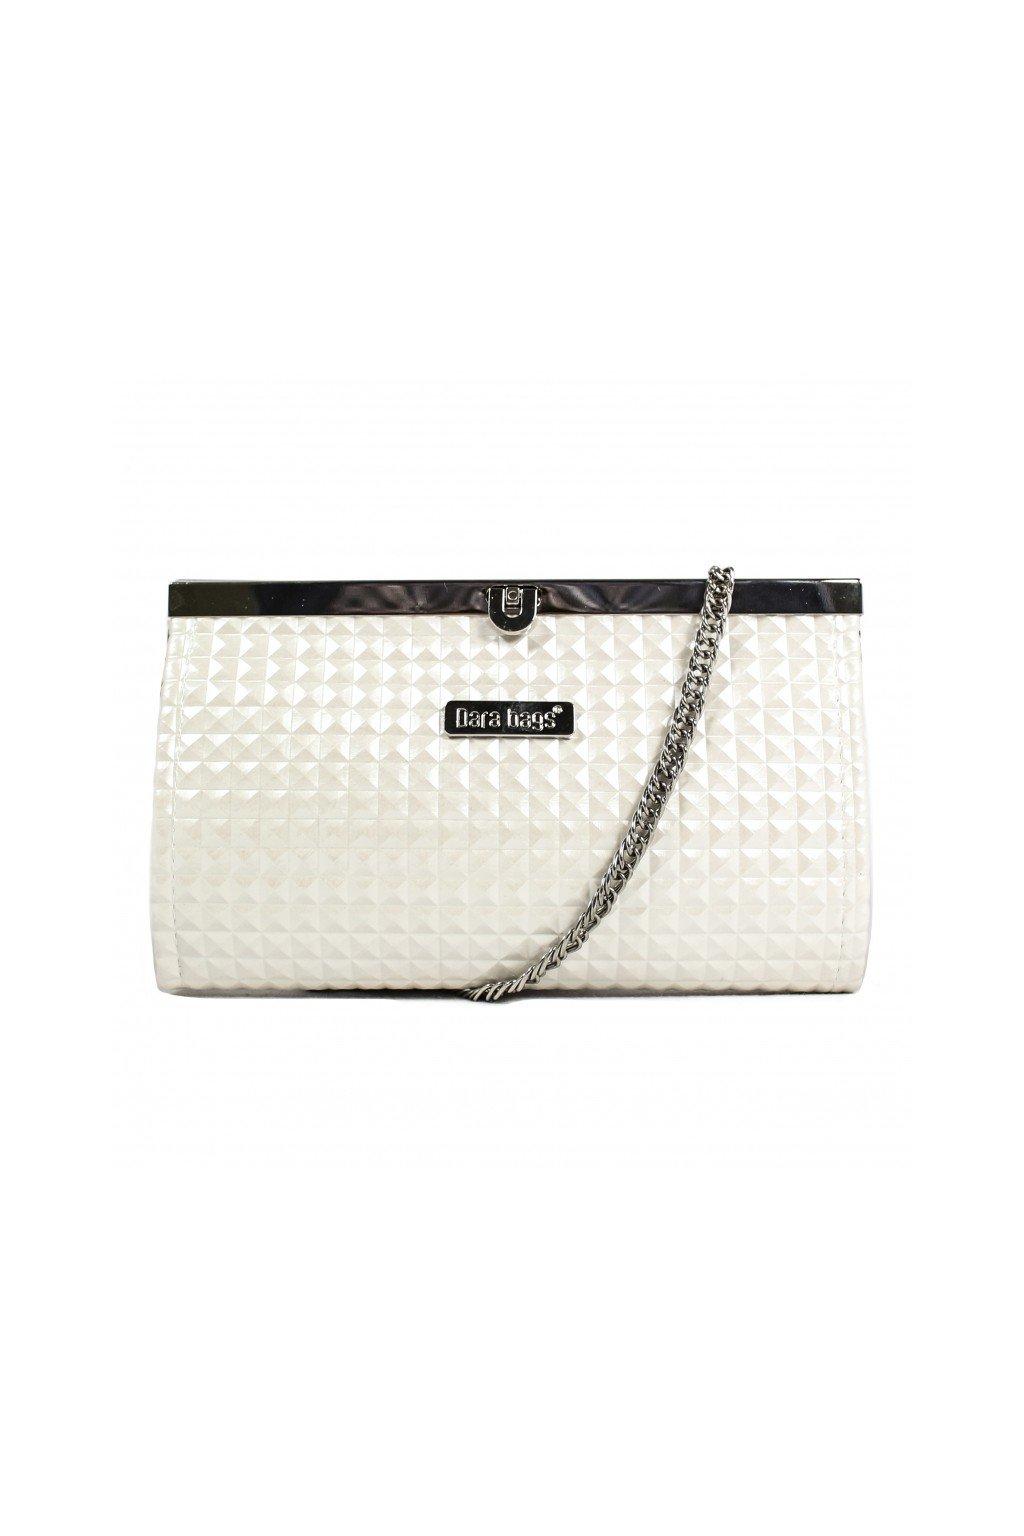 Elegantní malá kabelka Merci Dara bags bílá 1